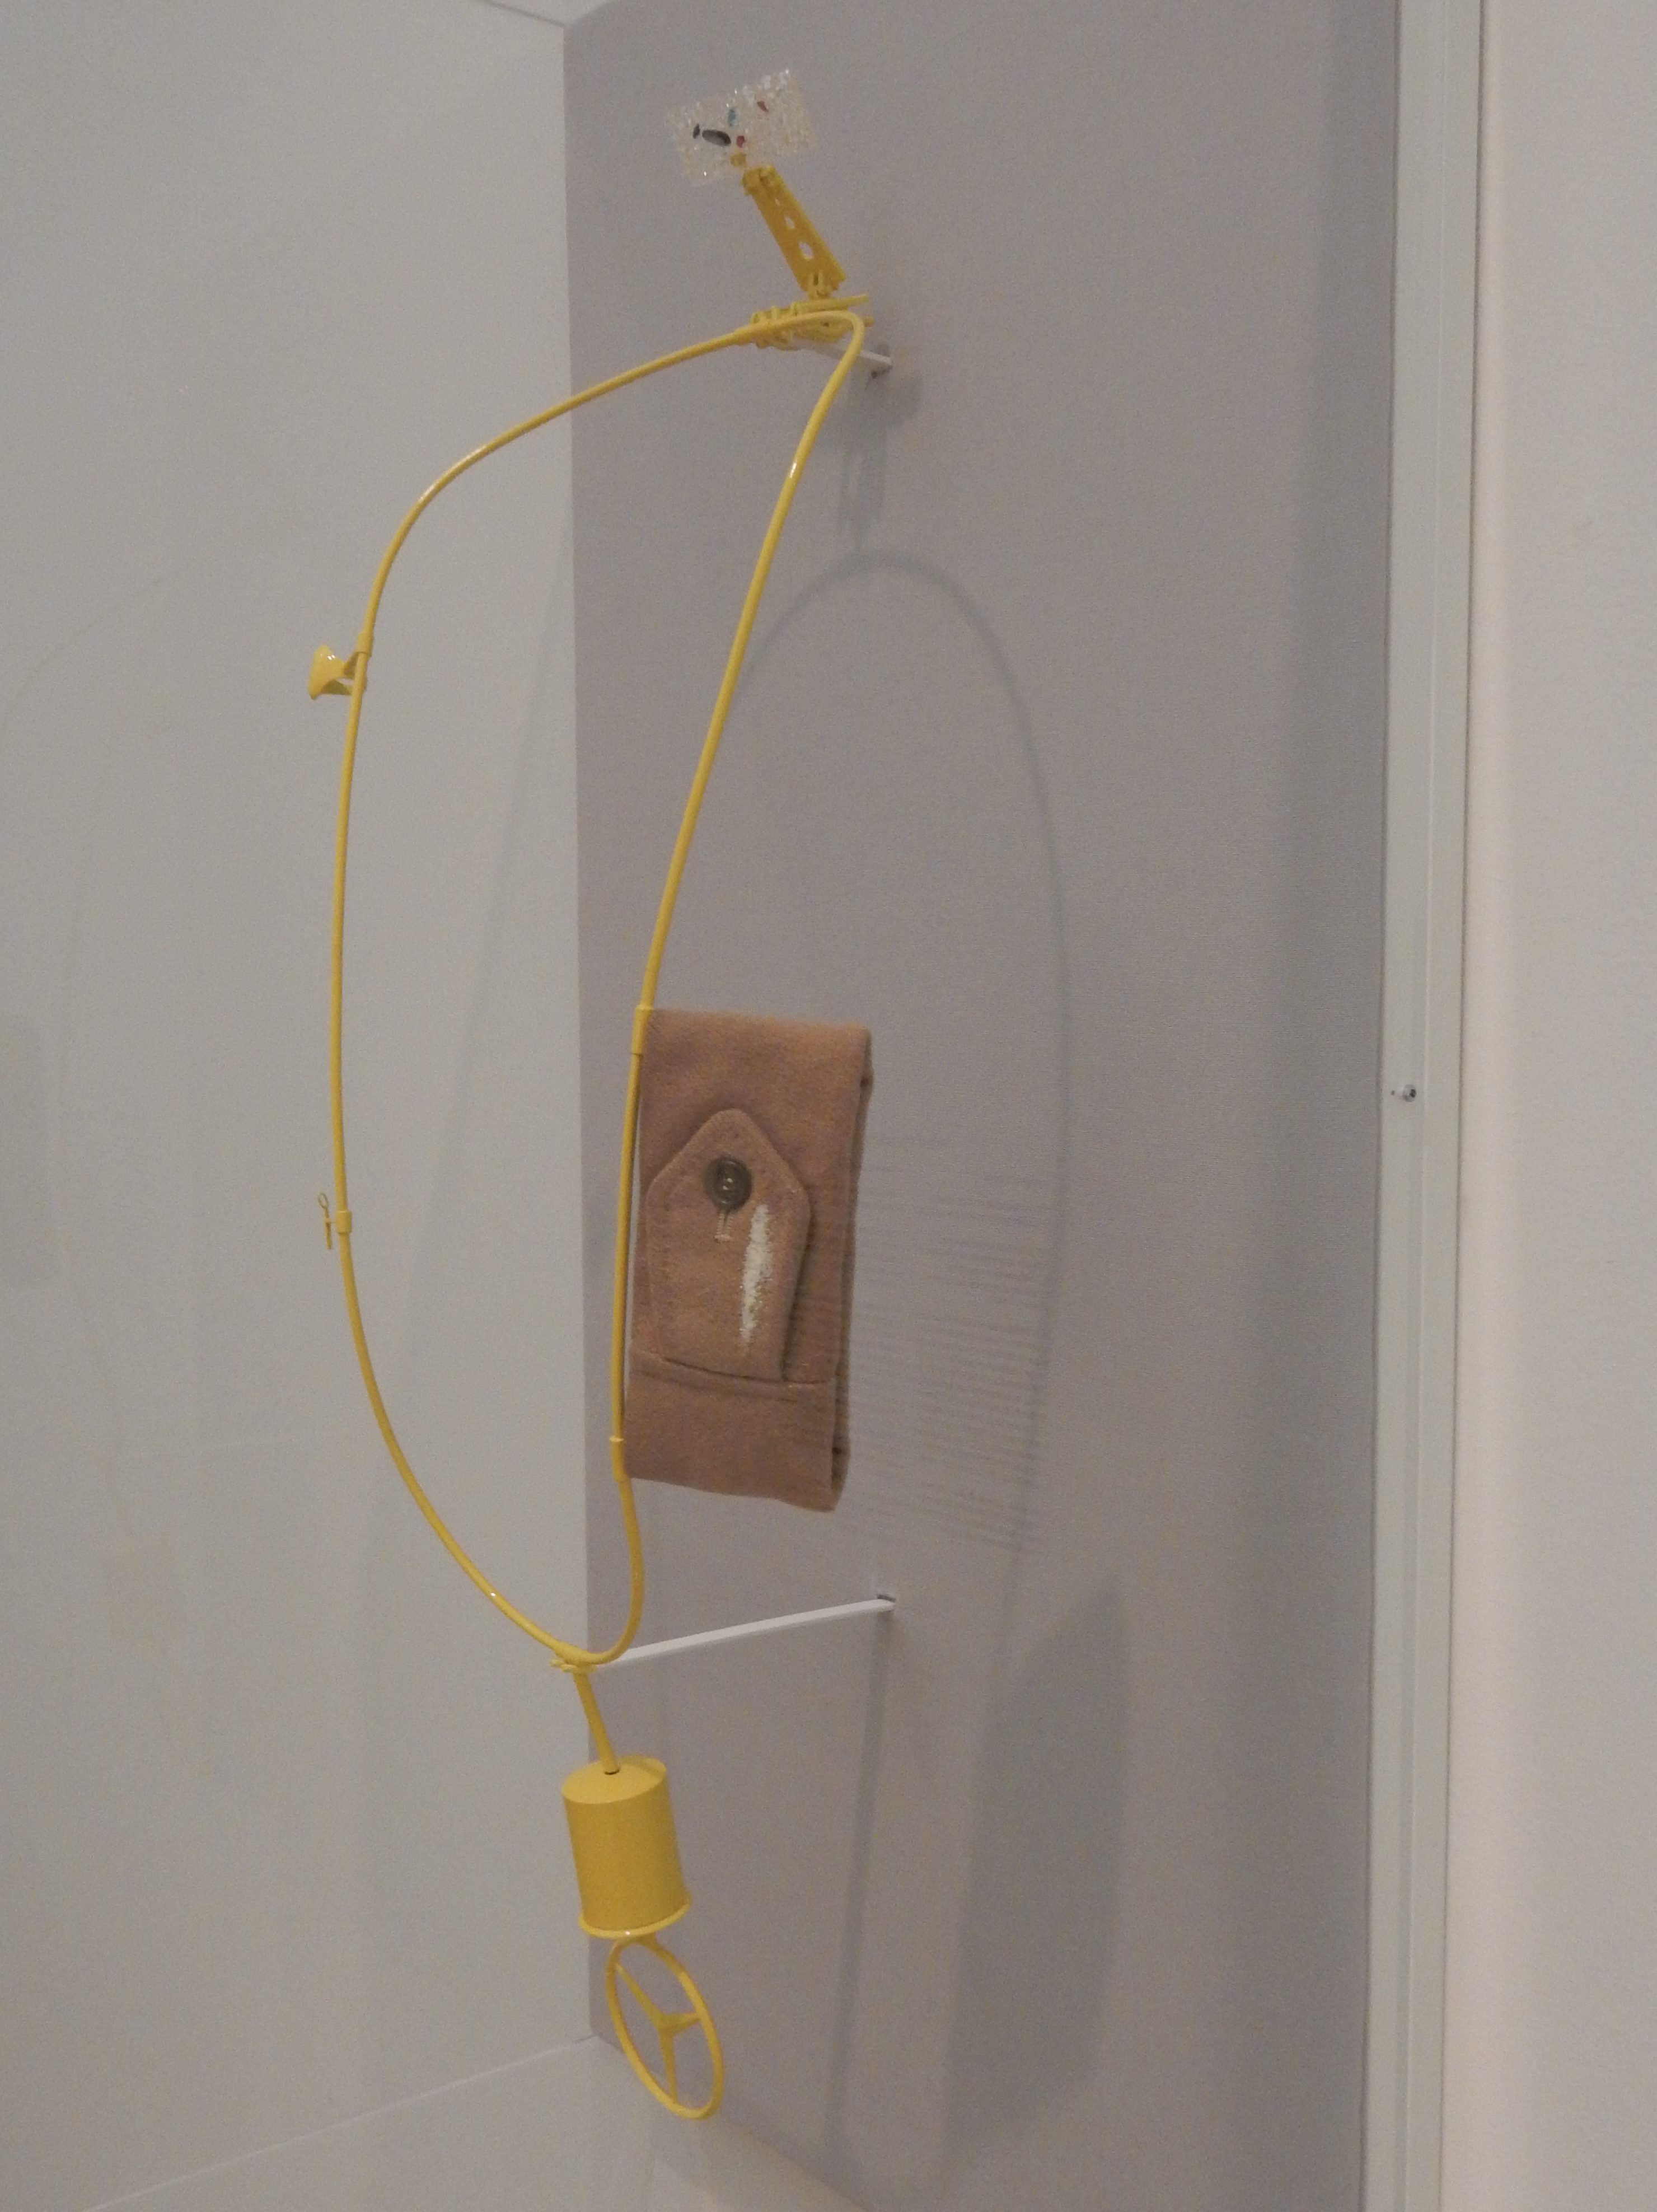 Ted Noten, Moskou, halssieraad, 2006. Stedelijk Museum Amsterdam, 2016, metaal, textiel, cocaïne